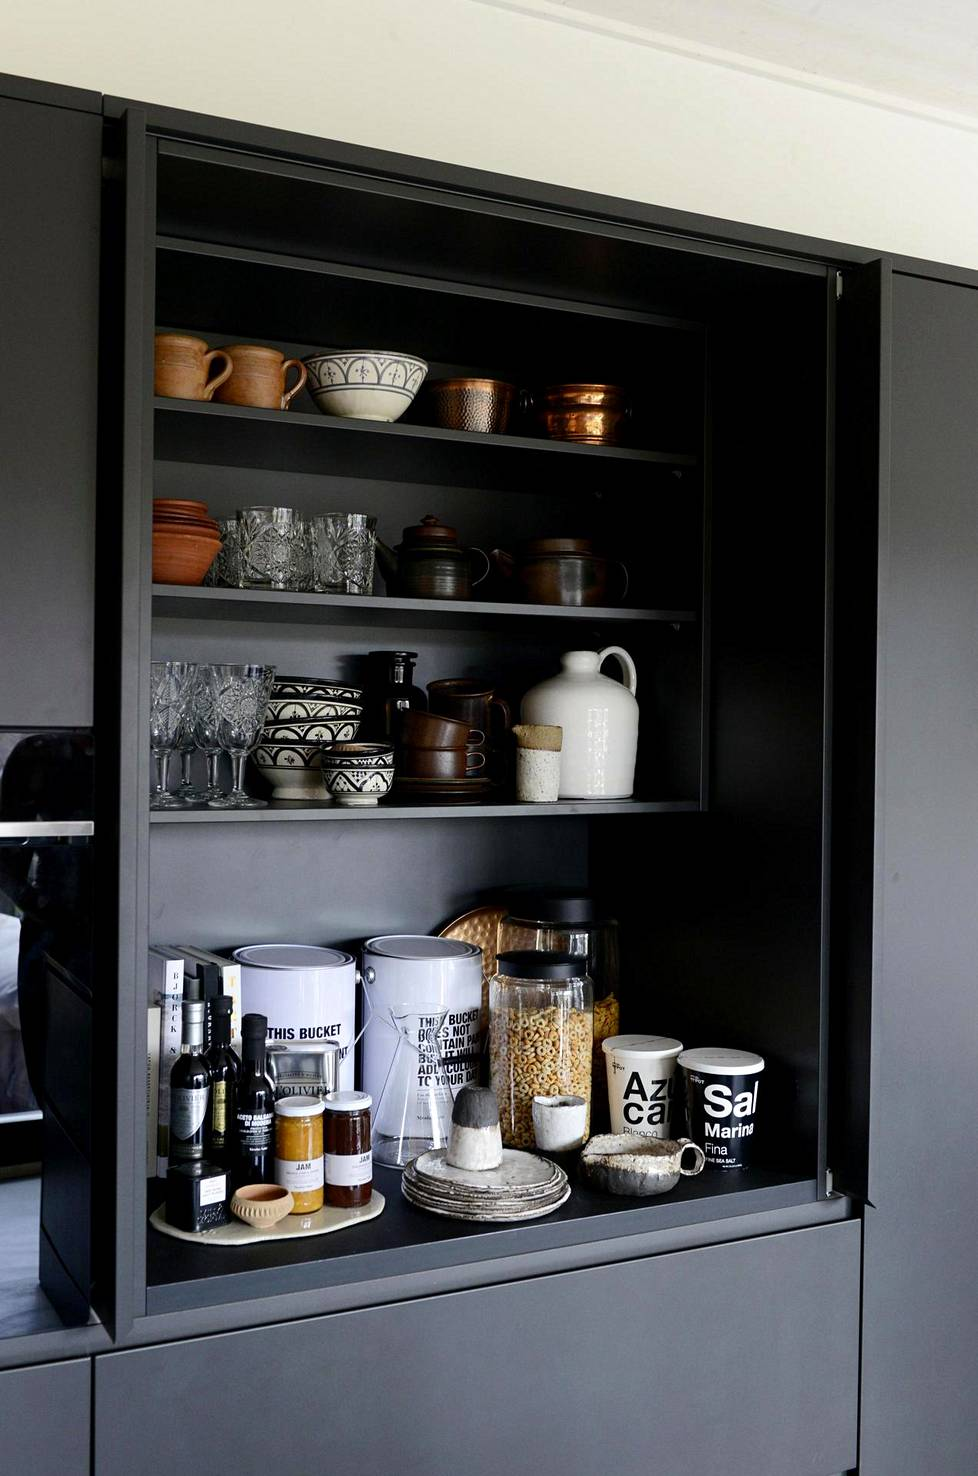 Aamiaiskaappi on täydellinen ratkaisu kodinsisustajalle, joka haluaa siivota arjen sutjakasti piiloon. (kohde: Honka Ink)